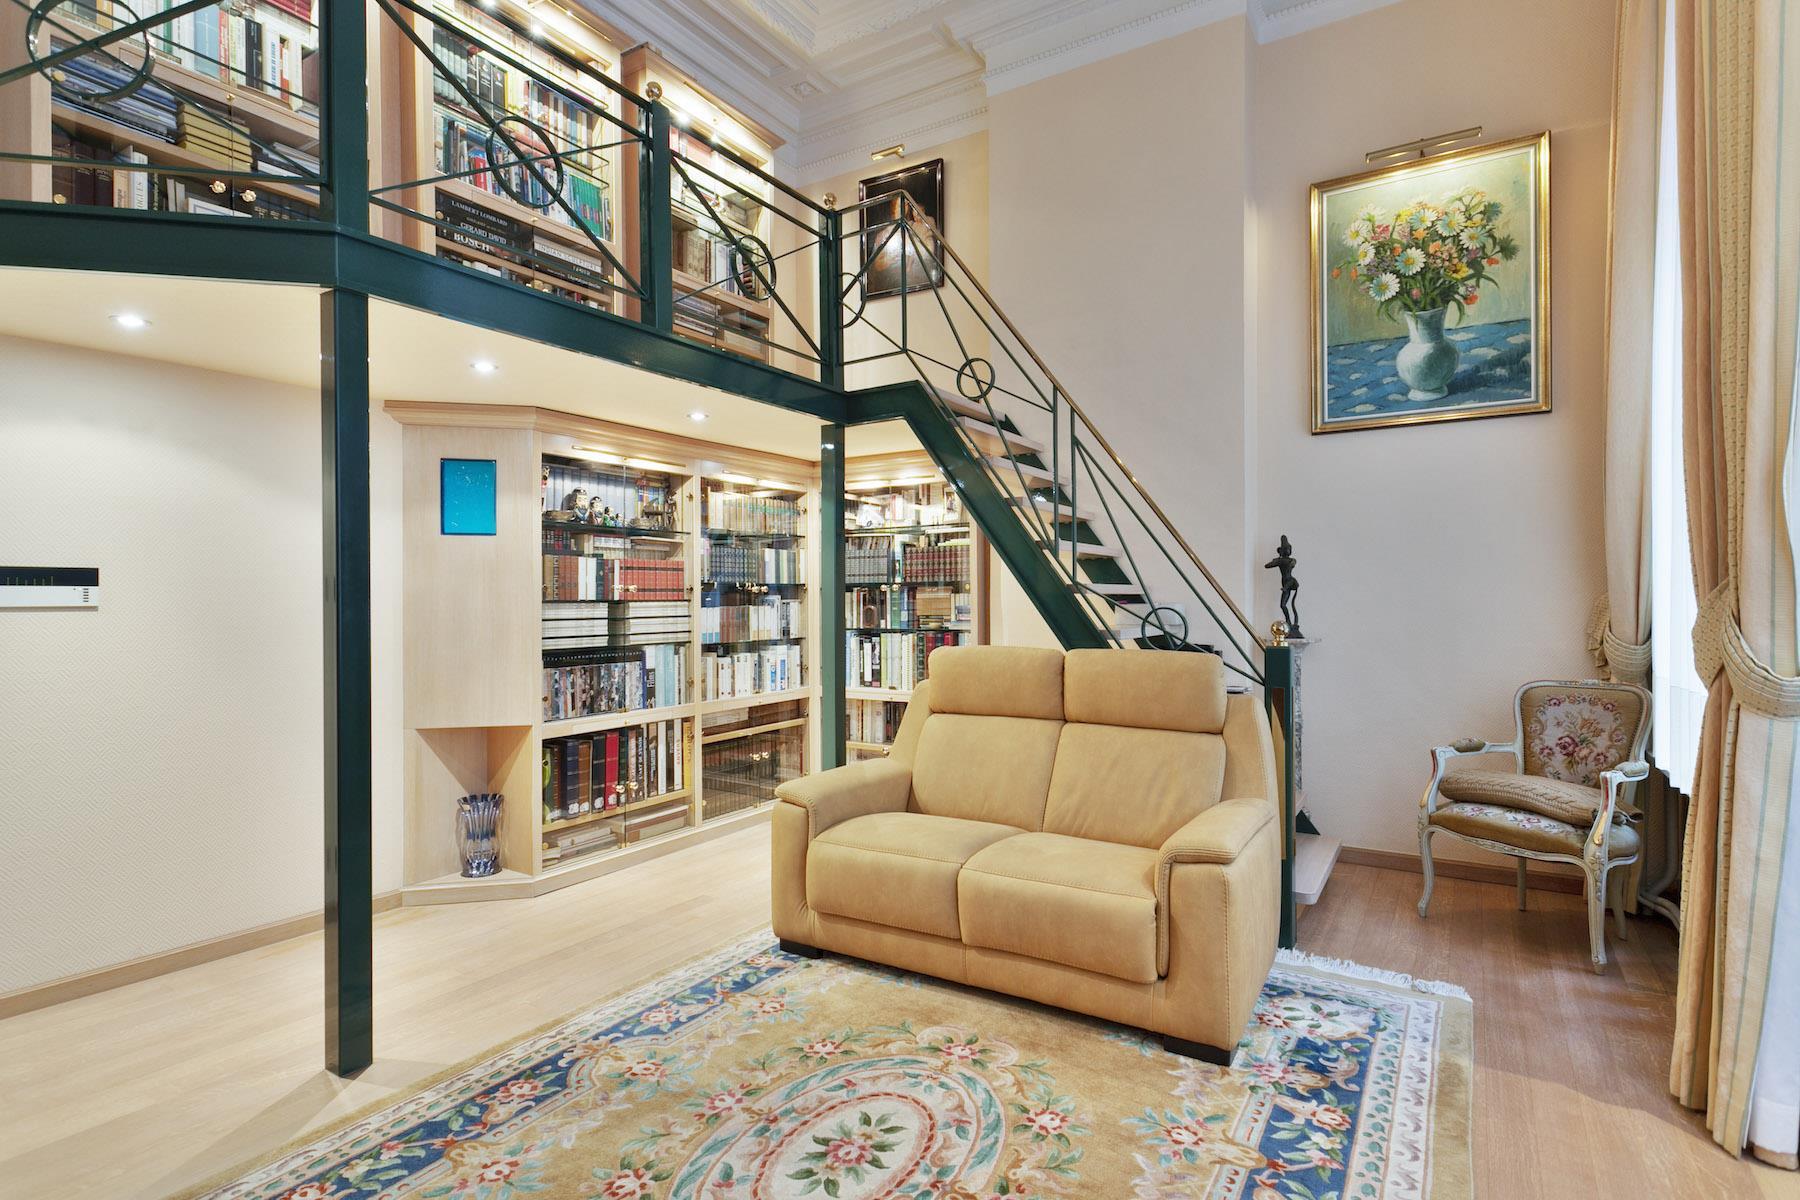 Makelaarskantoor De Meester, Huis|Huis te 2018 Antwerpen